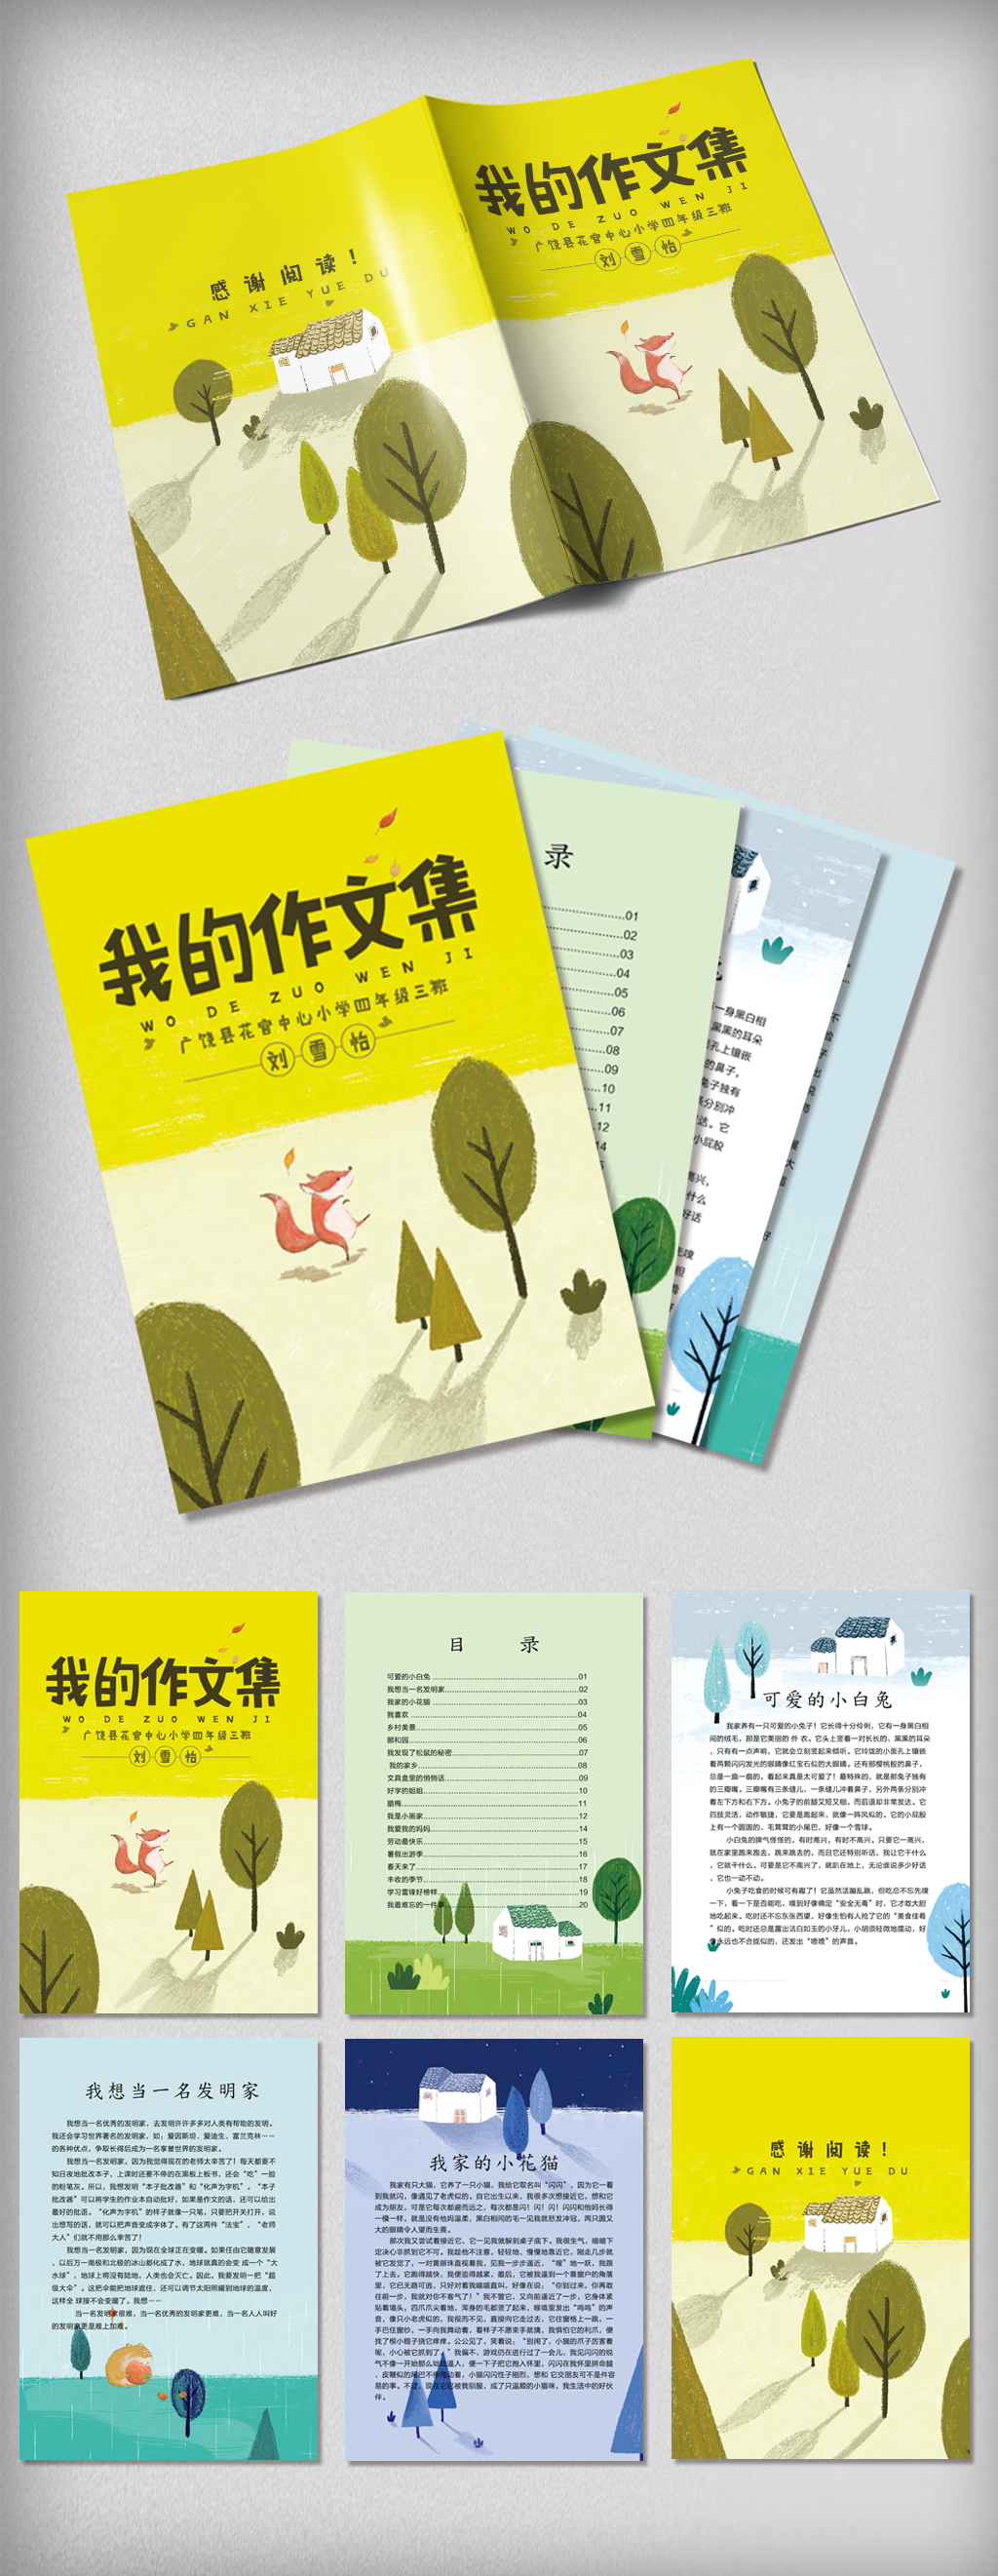 四季树木中小学生作文集免费封面模板图片